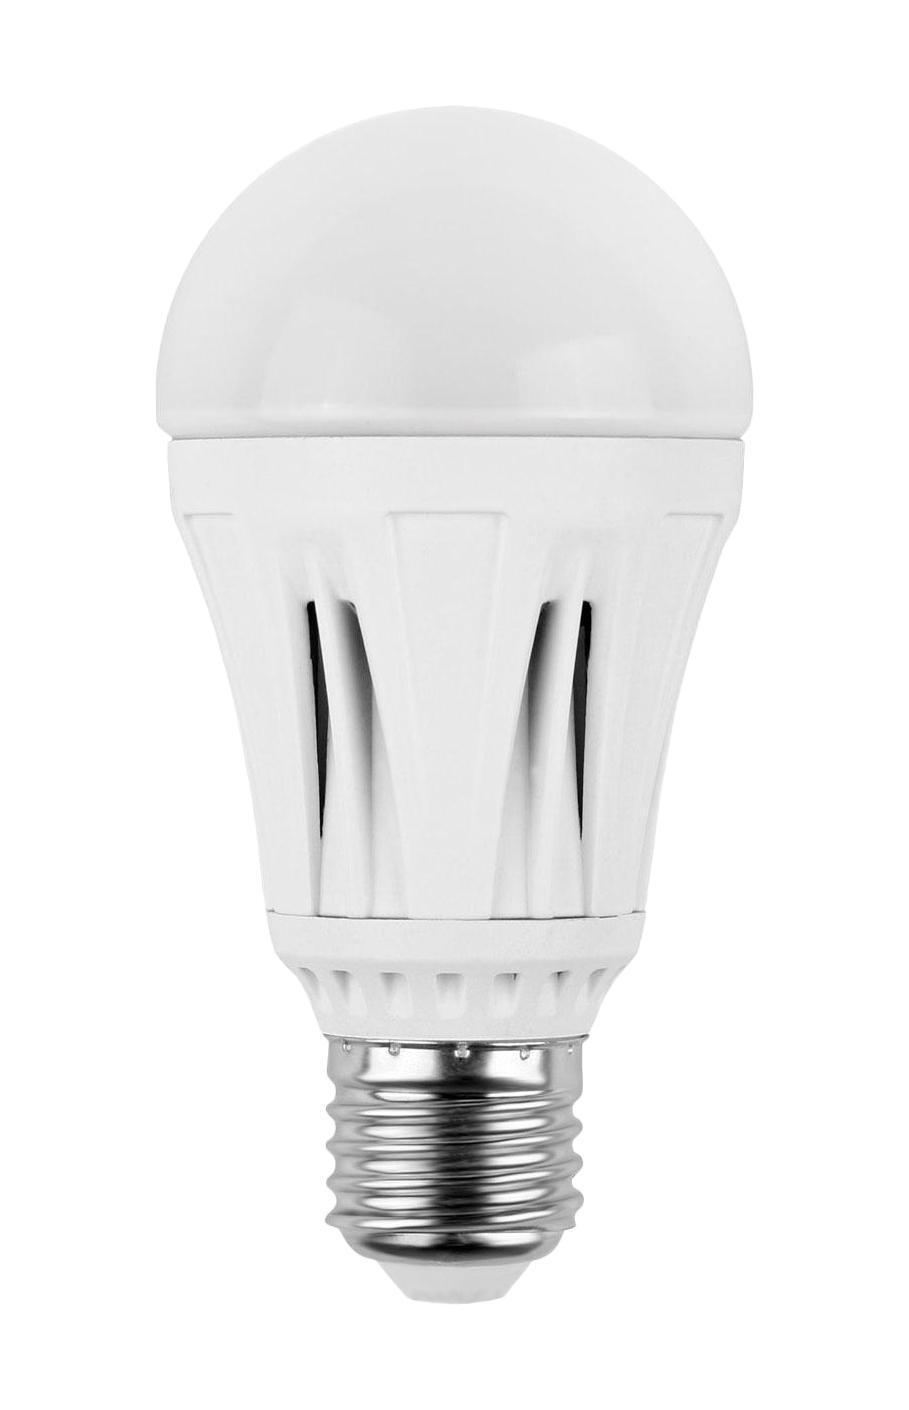 Camelion LED10-A60/845/E27 светодиодная лампа, 10ВтLED10-A60/845/E27Энергосберегающие лампы Camelion, серия Camelion PRO. Конфигурация колбы - Рефлектор (JCDR). Служат в 10 раз дольше, чем обычные лампы накаливания. Сверхкомпактные размеры. Улучшенные электро- светотехнические характеристики.